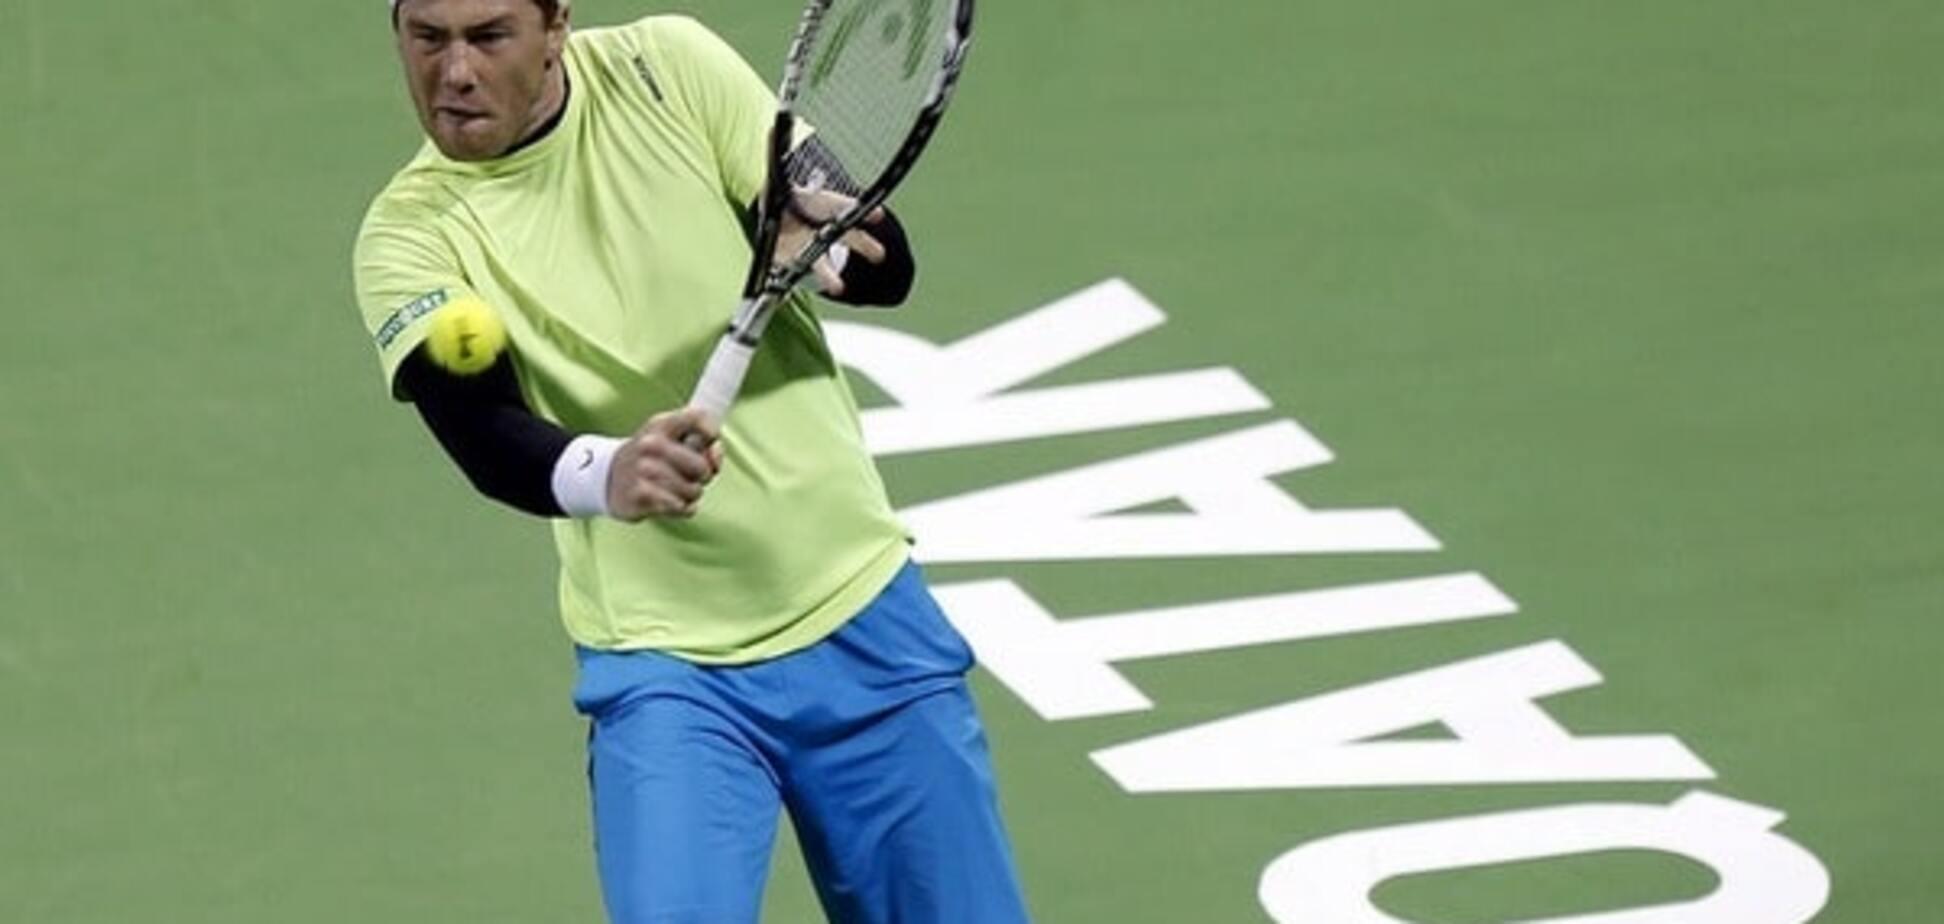 Сенсационный украинец дал бой легенде тенниса на турнире в Дохе